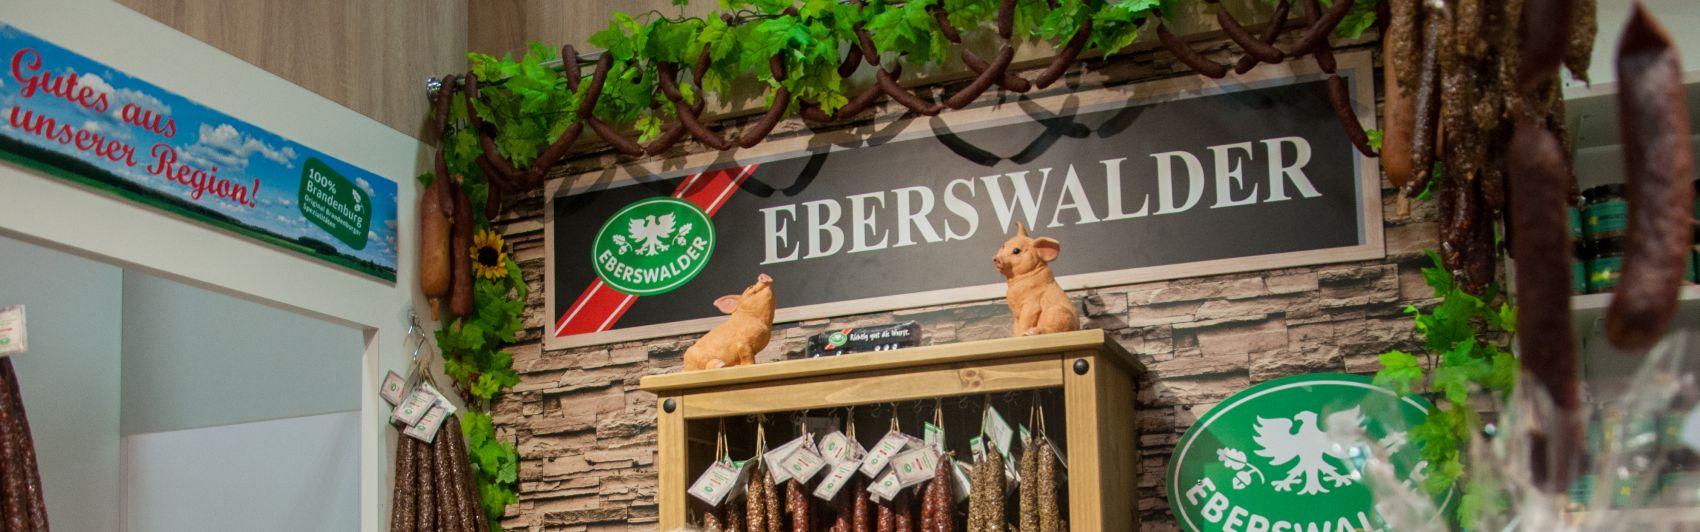 Grüne Woche; IGW; Eberswalder Wurst